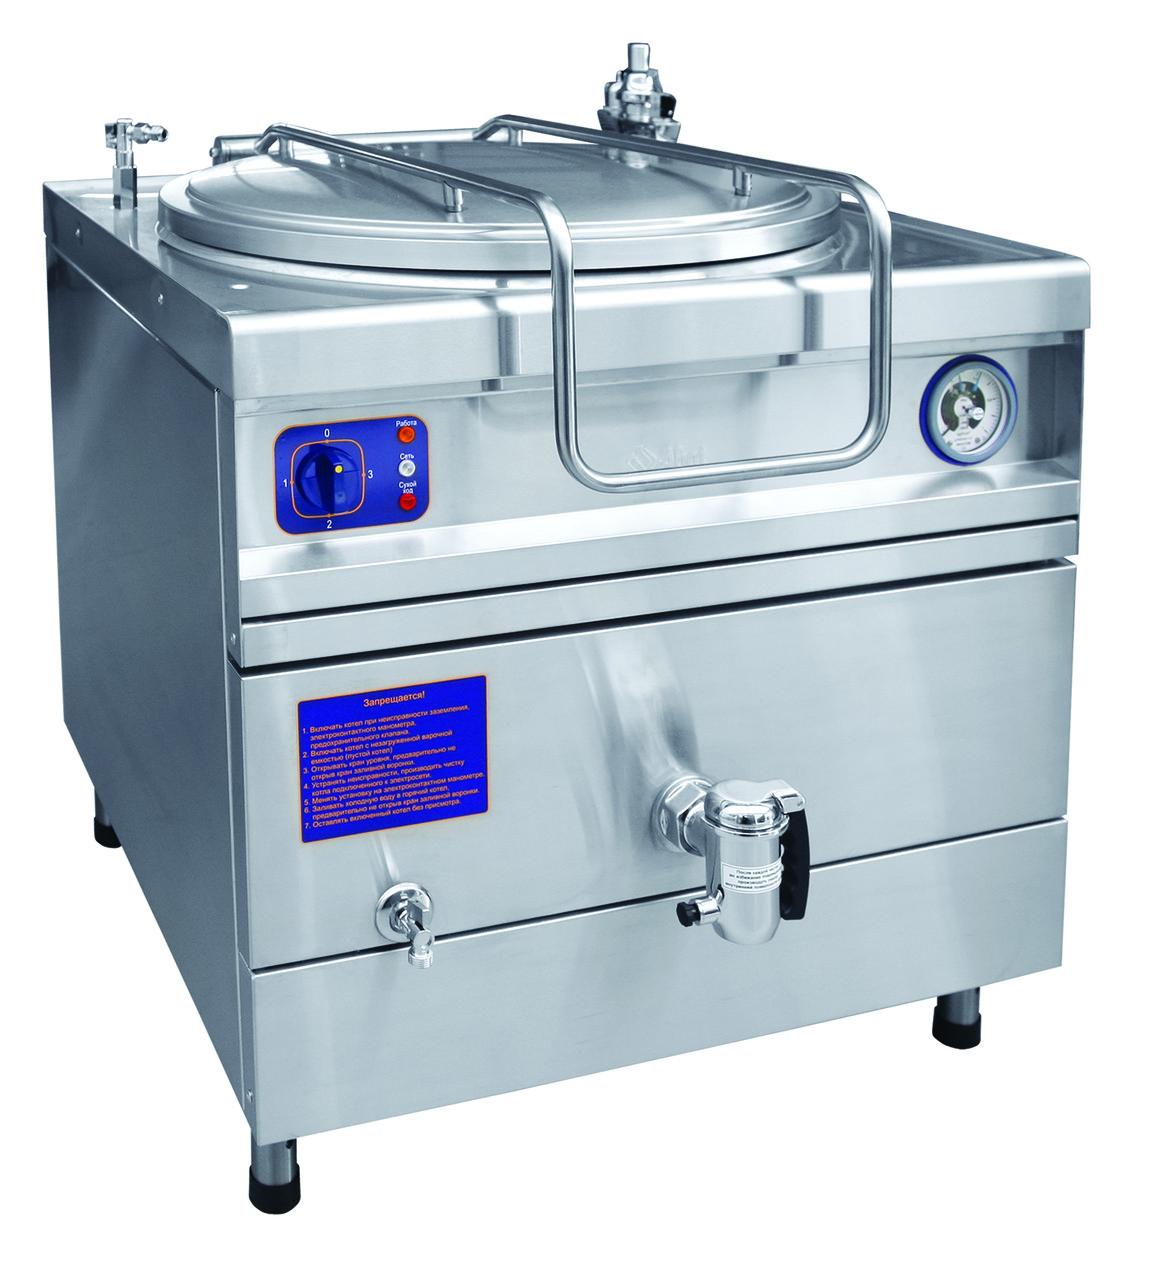 Котел пищеварочный КПЭМ-60-ОР (60 литров, 100°С, пар.рубашка, ручное опрокидывание, цельнотянутый)